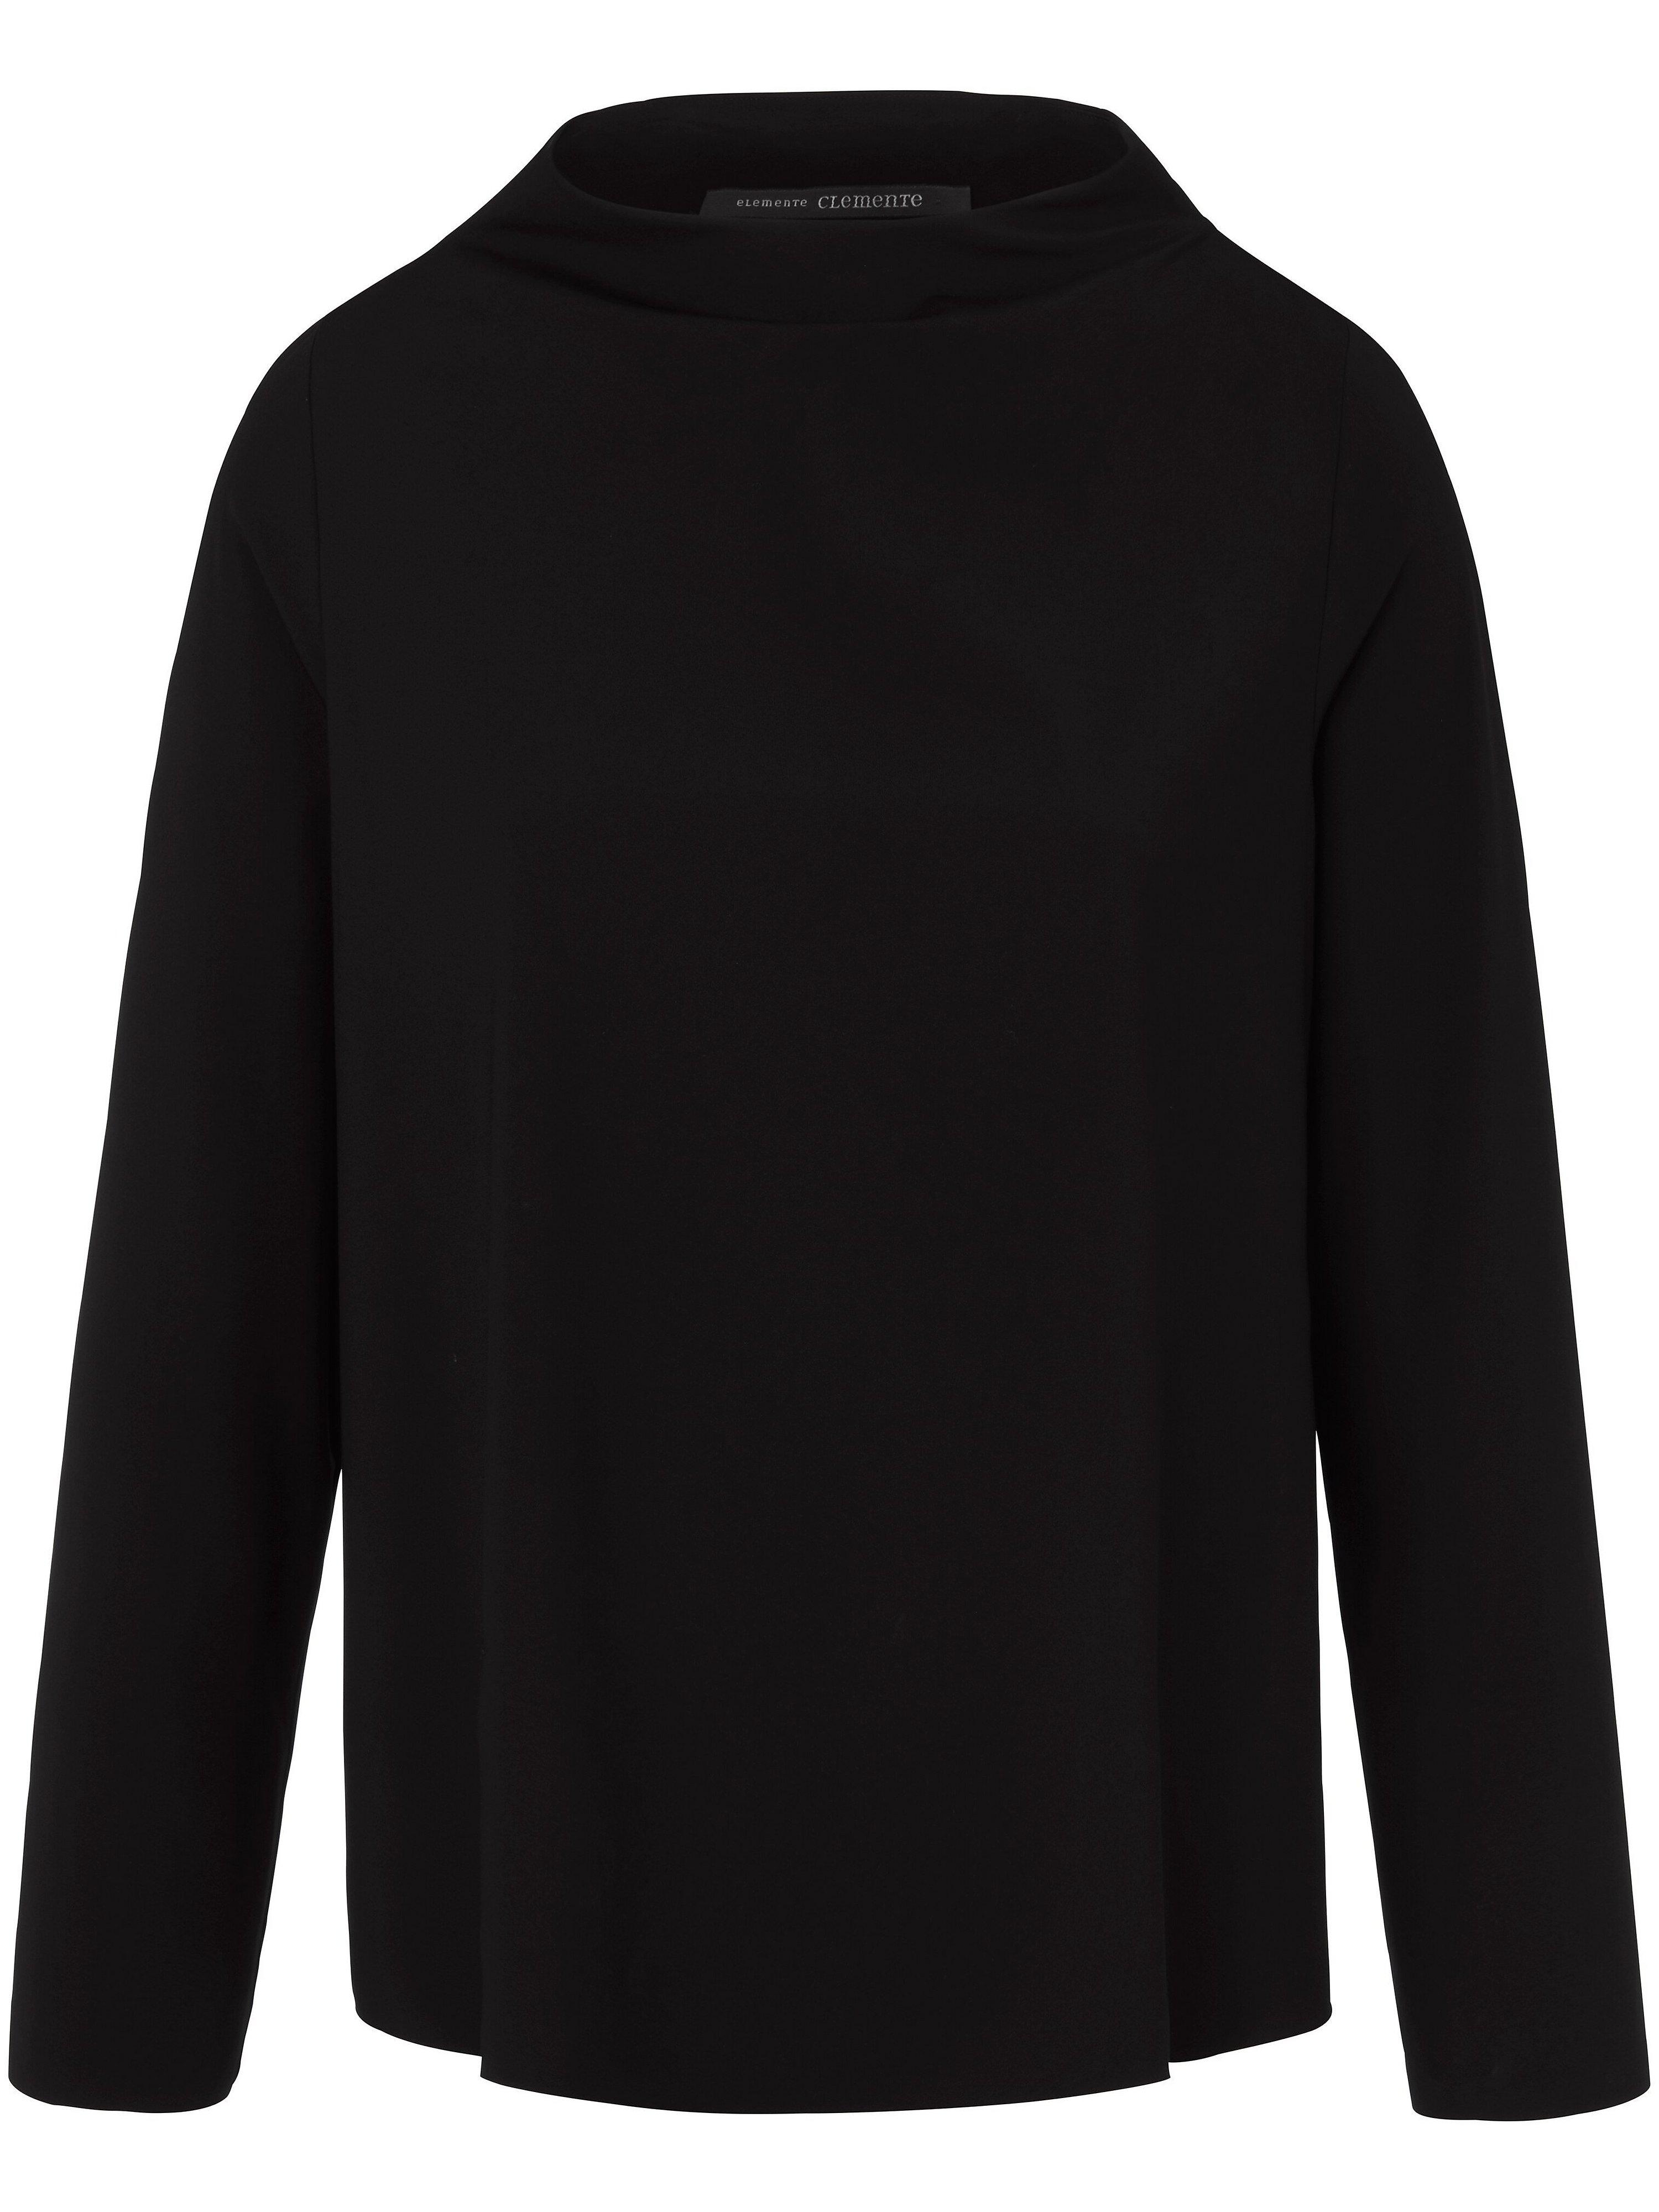 Le T-shirt  elemente clemente noir taille 38/40